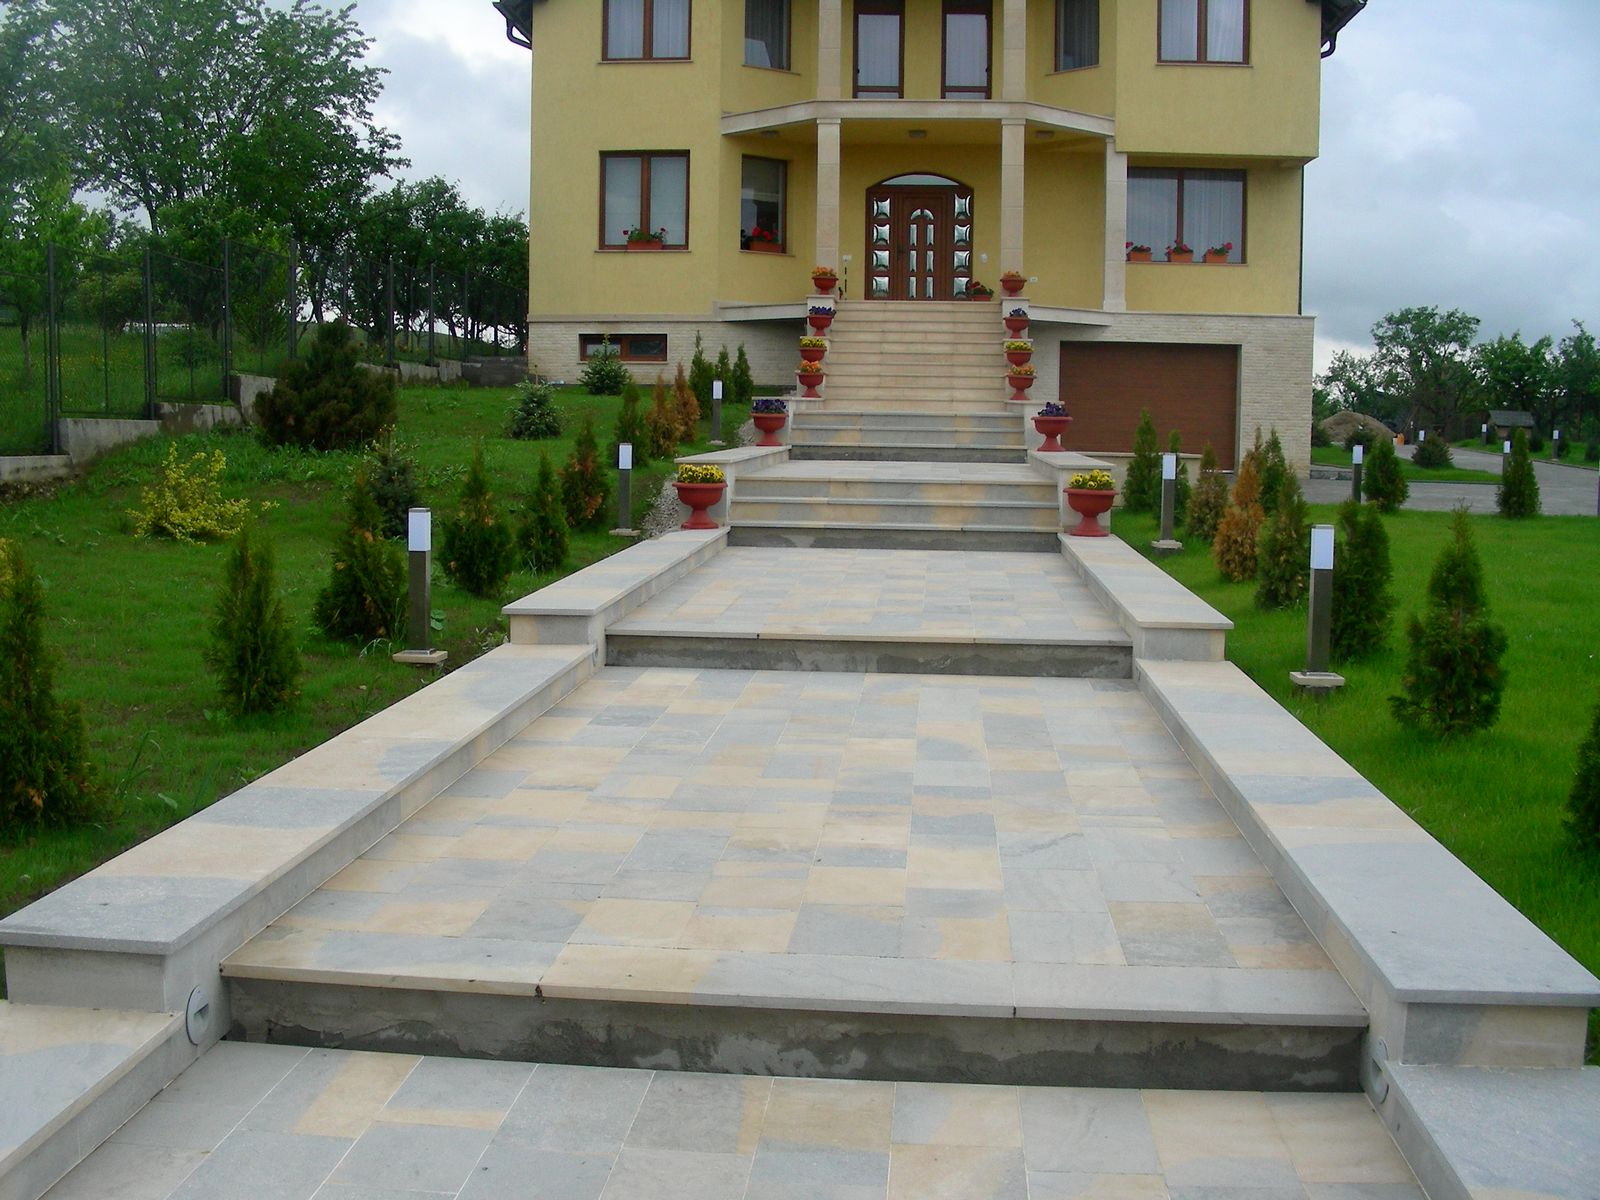 Trepte/Placaje din piatra naturala de Vistea LEVENTE COMPANIE - Poza 6